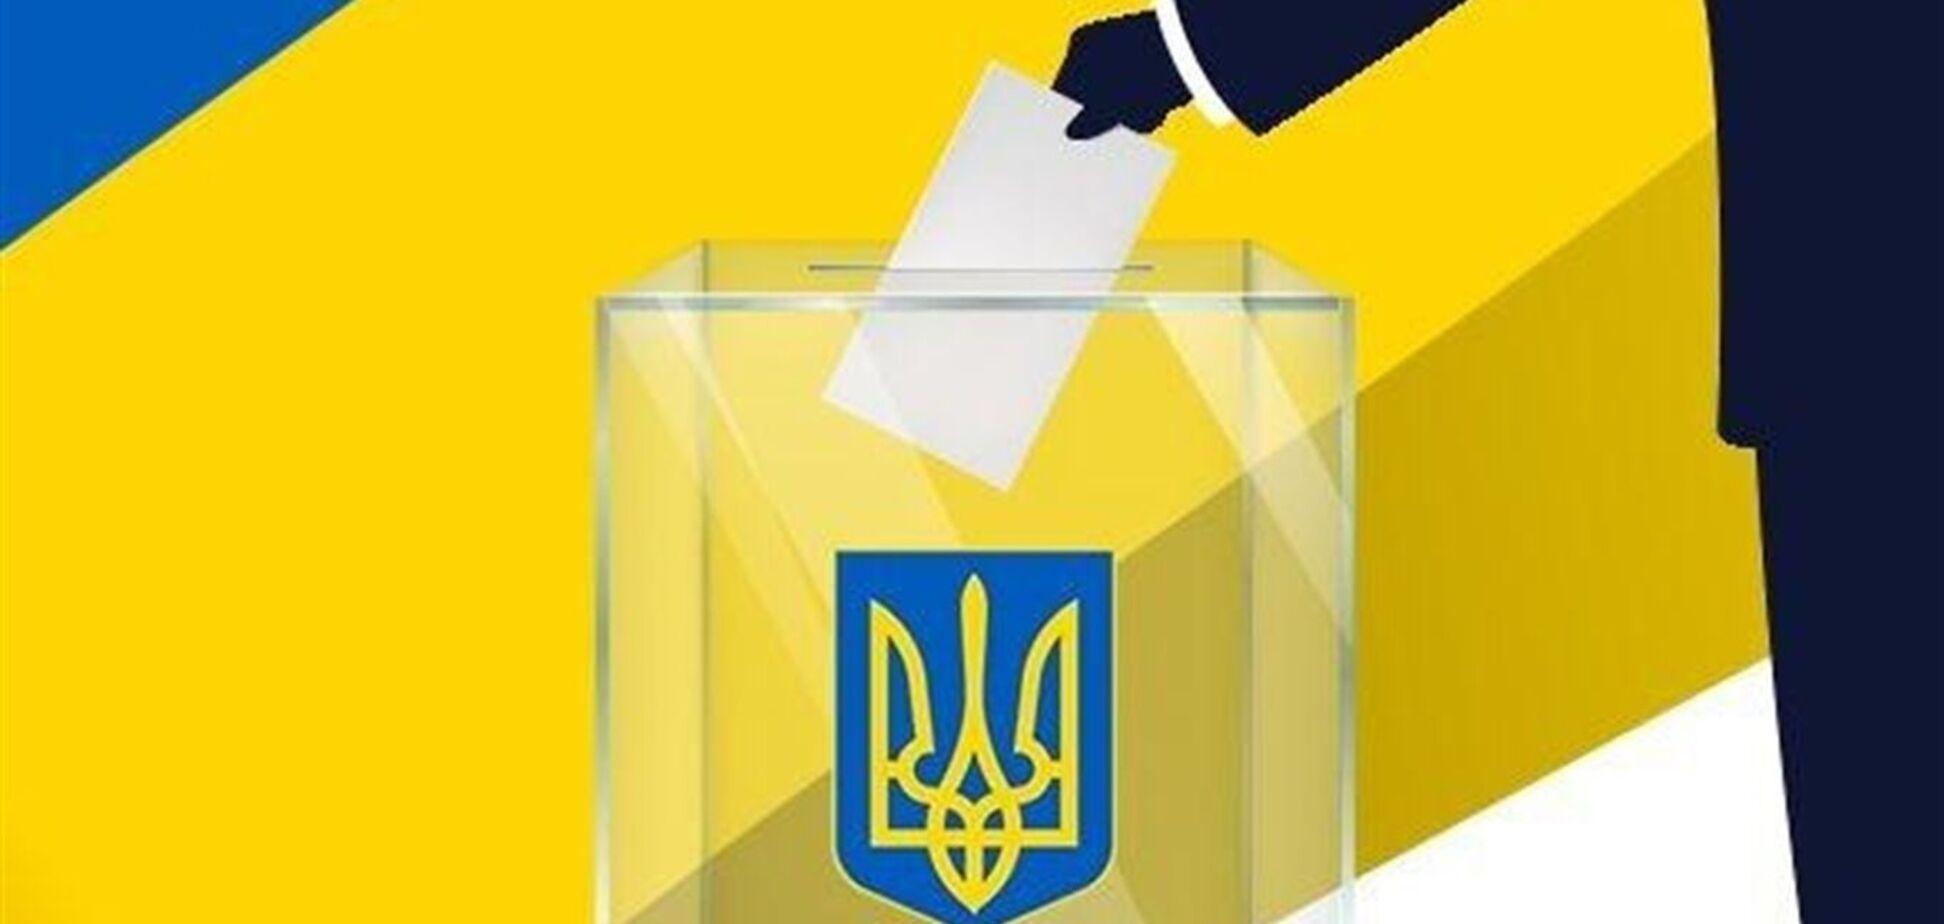 Партії 'Слуга народу' та 'Батьківщина' стали лідерами на місцевих виборах в Україні